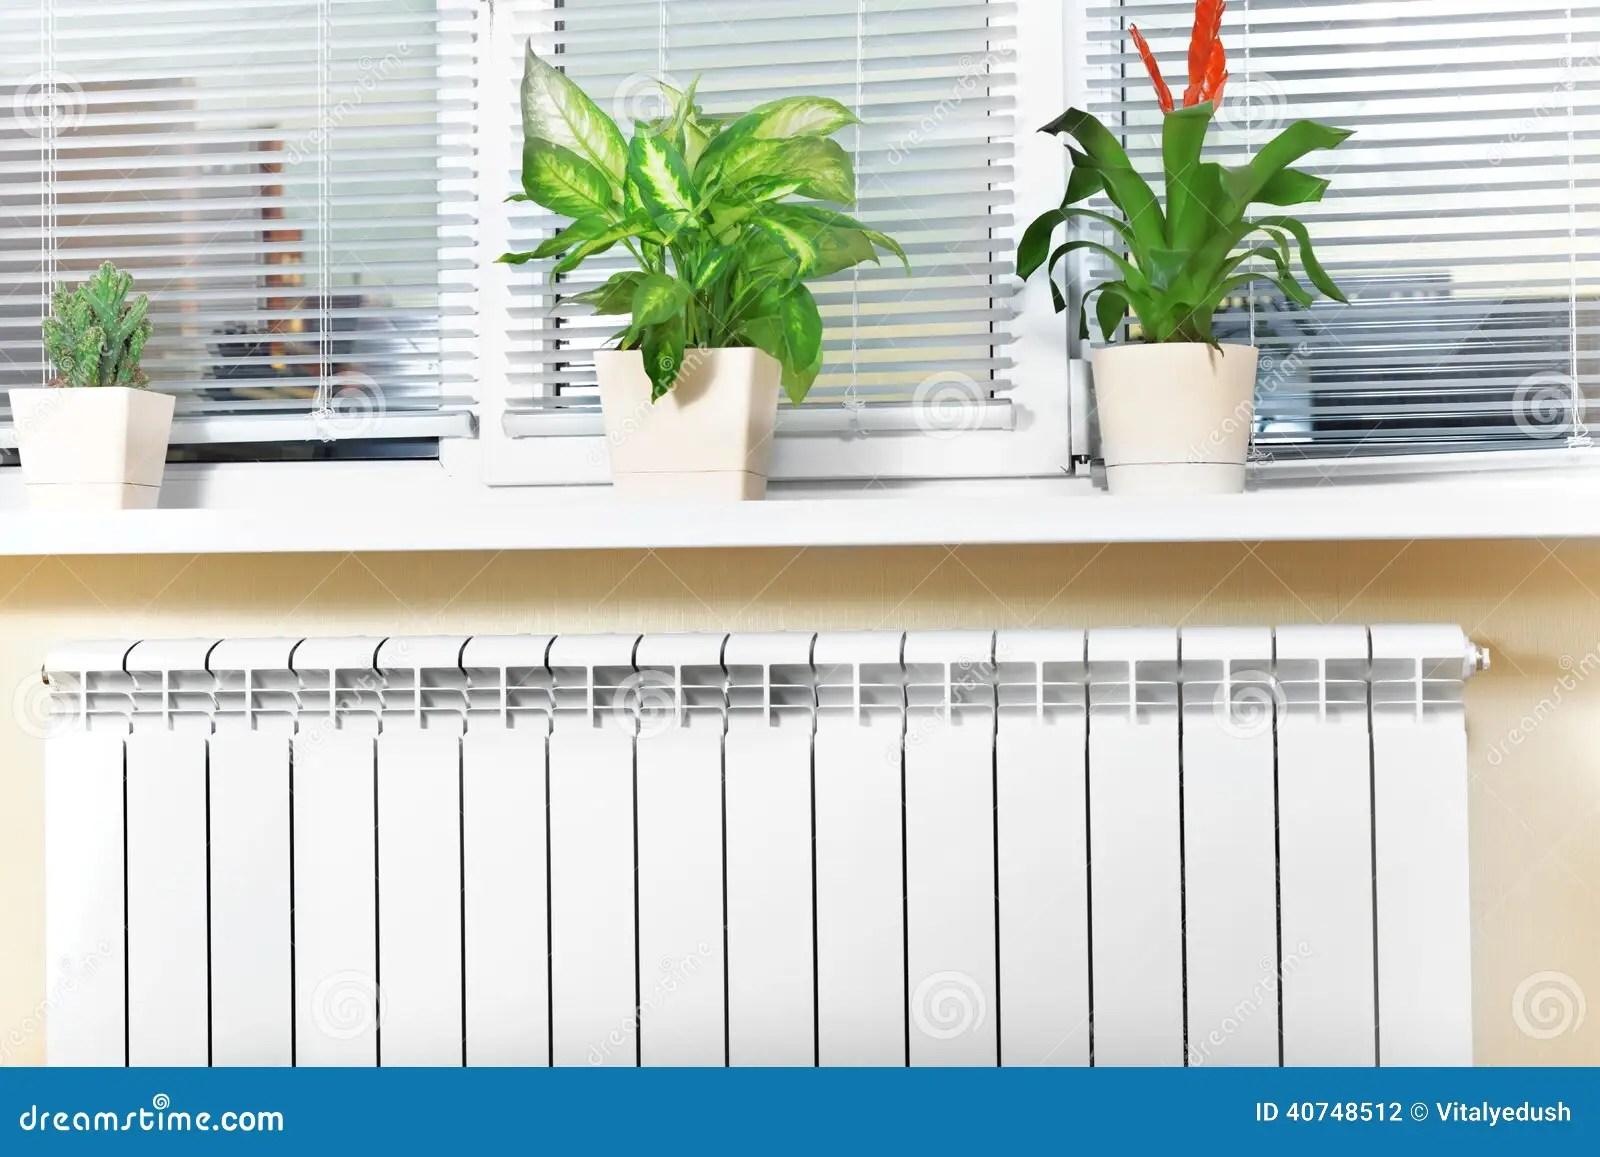 Home Air Conditioning Vent Temperature